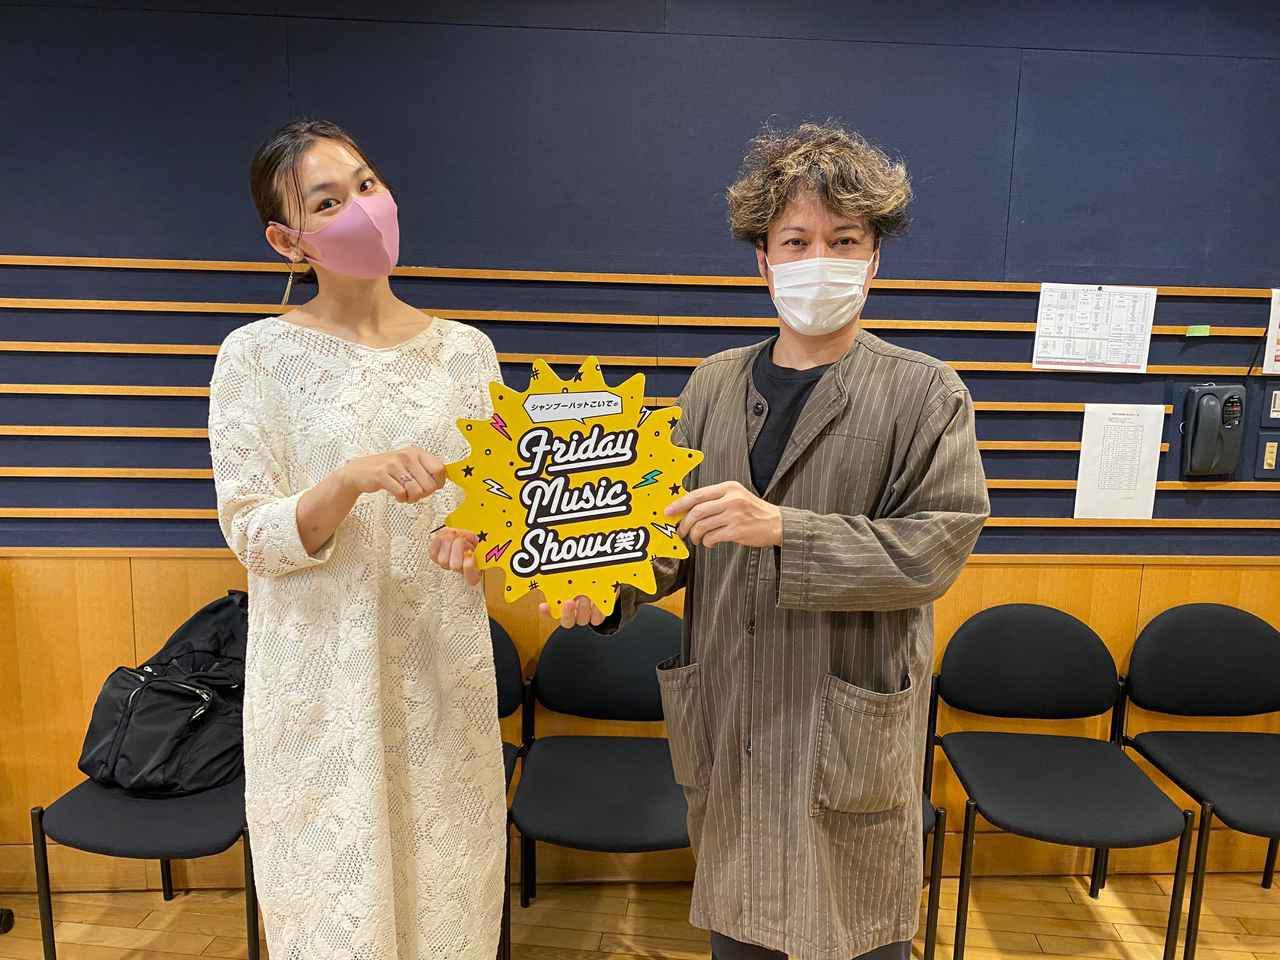 画像: 5月21日(金)シャンプーハットこいでのFriday Music Show(笑)